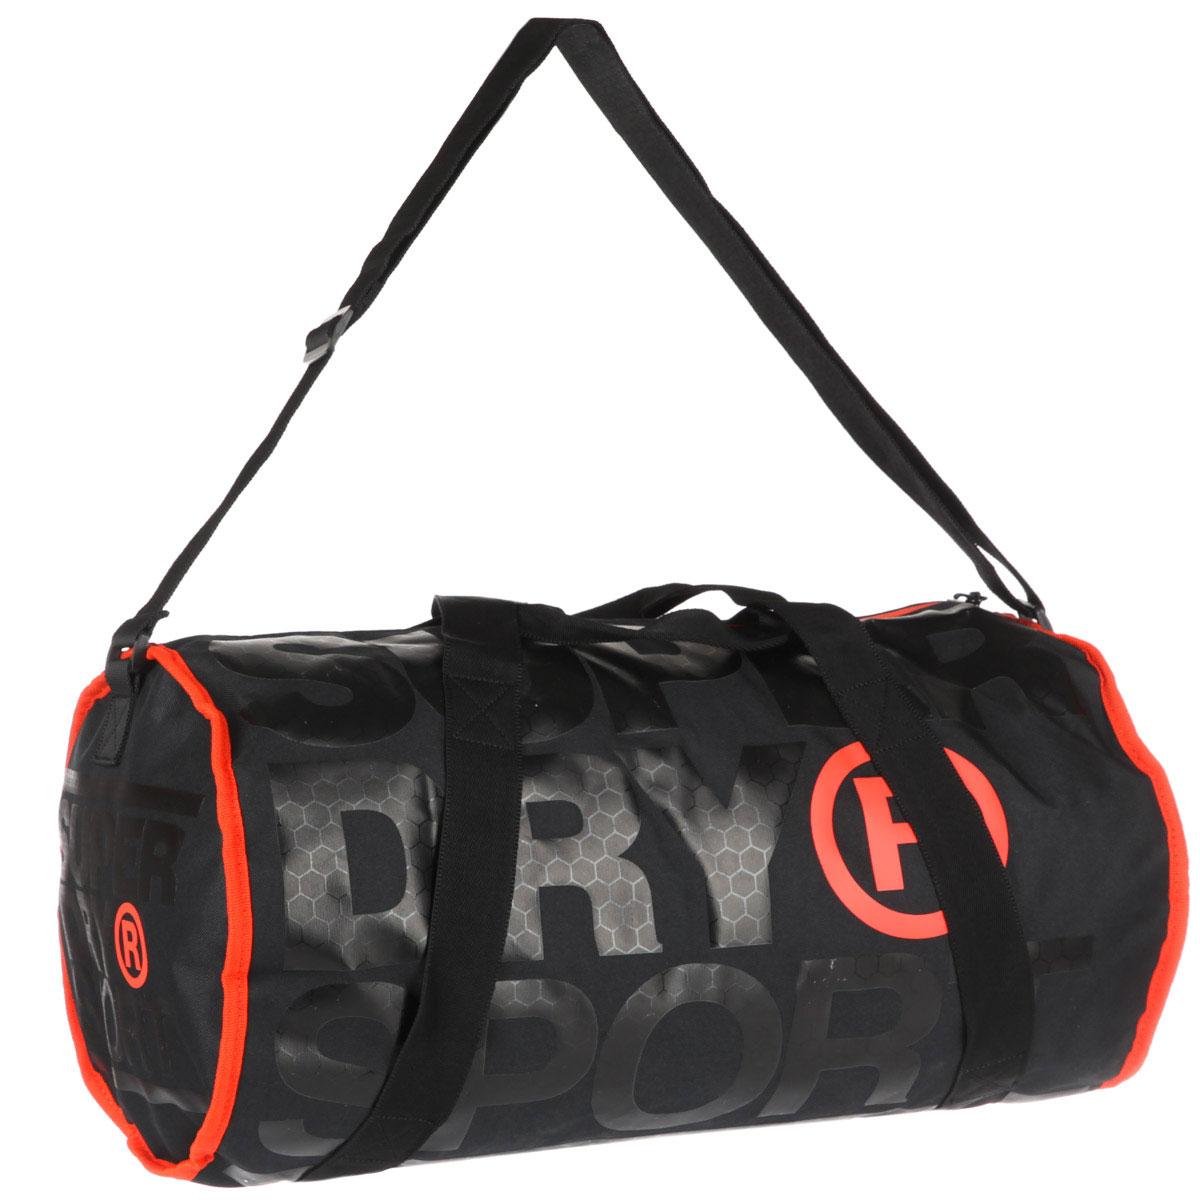 Купить сумку спортивная SuperDry Sport XL Sports Barrel Black Hazard ... 109899fd6d